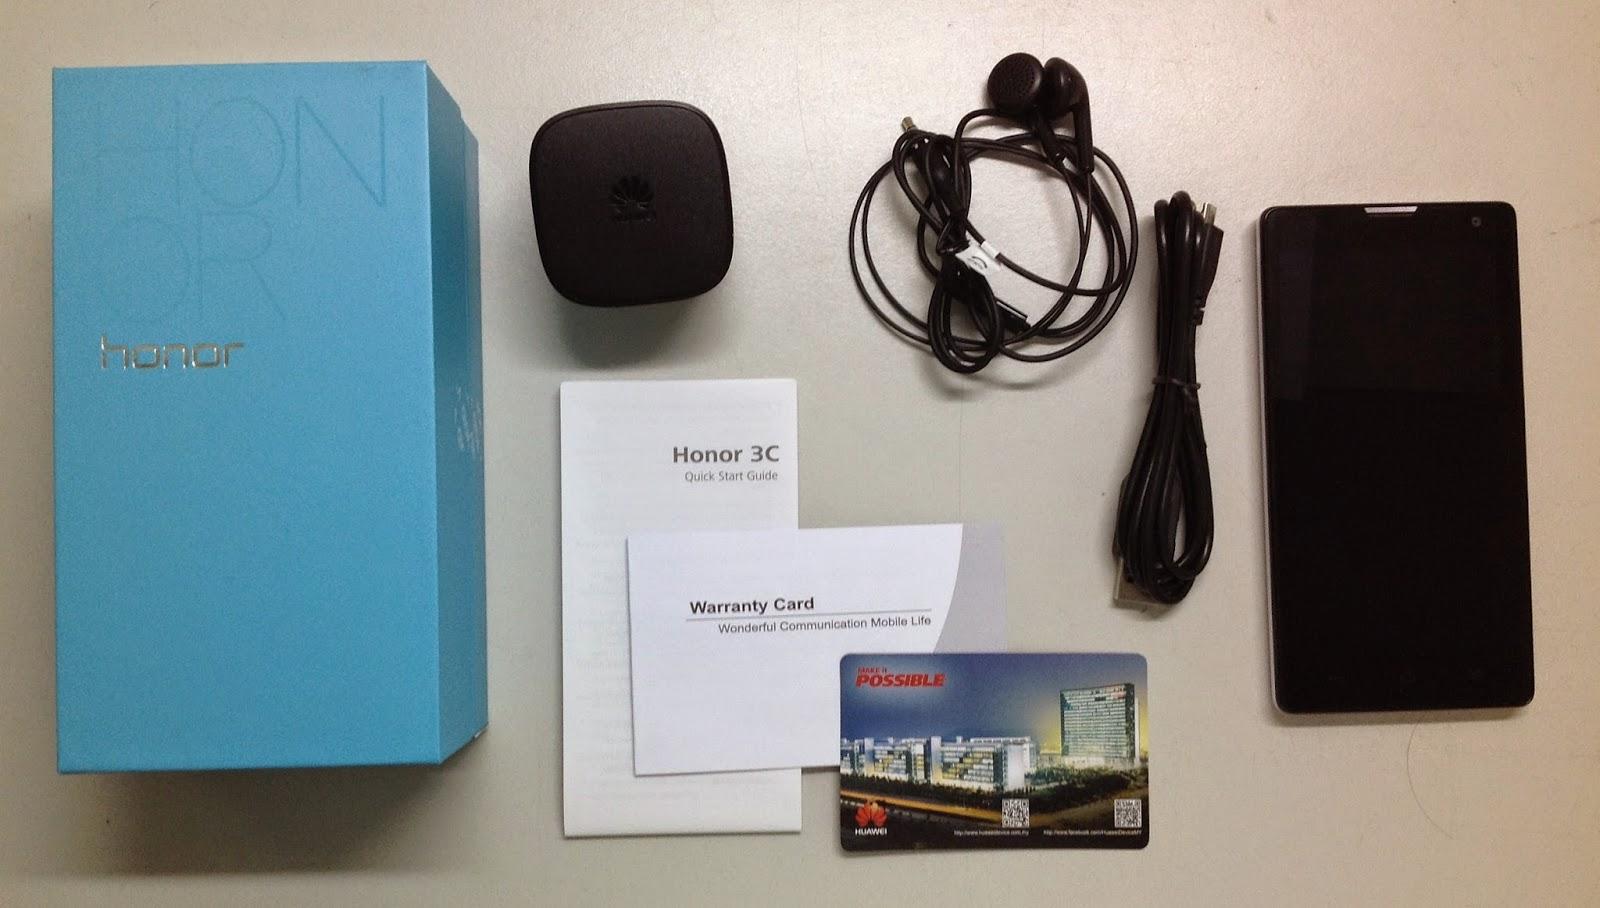 kotak Huawei Honor 3C